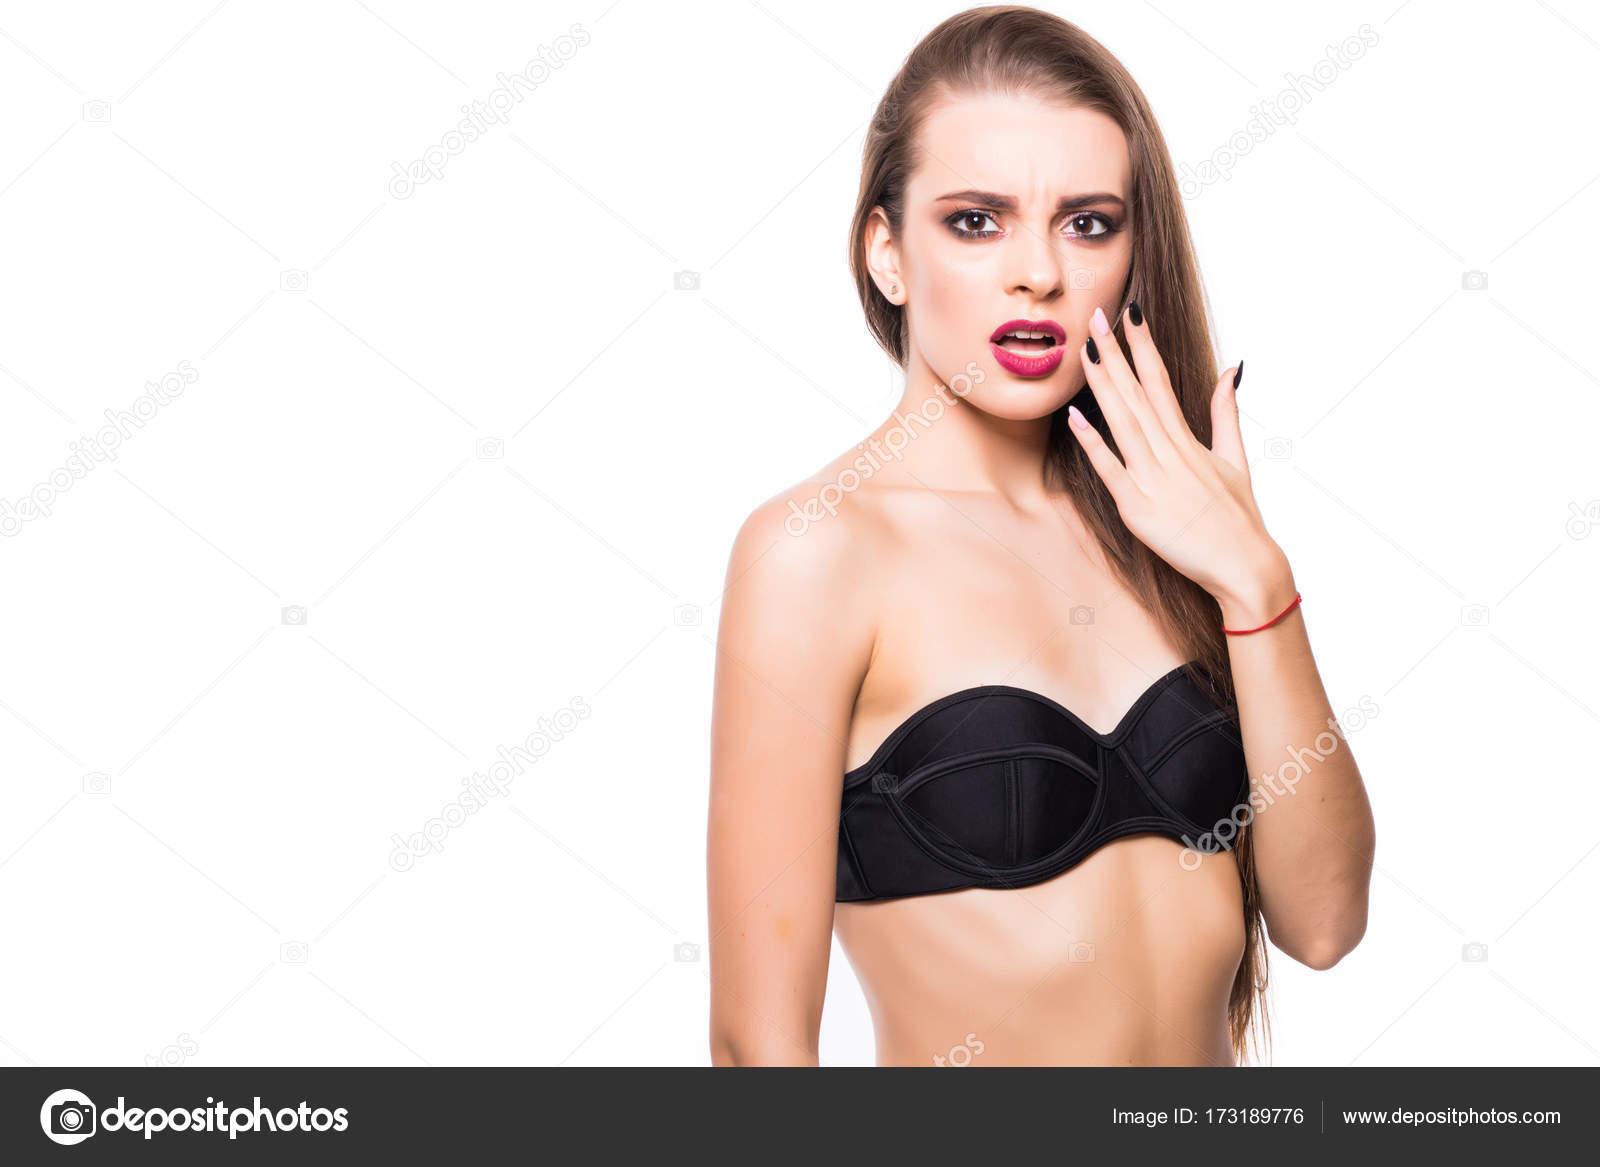 Skvělé porno fotky